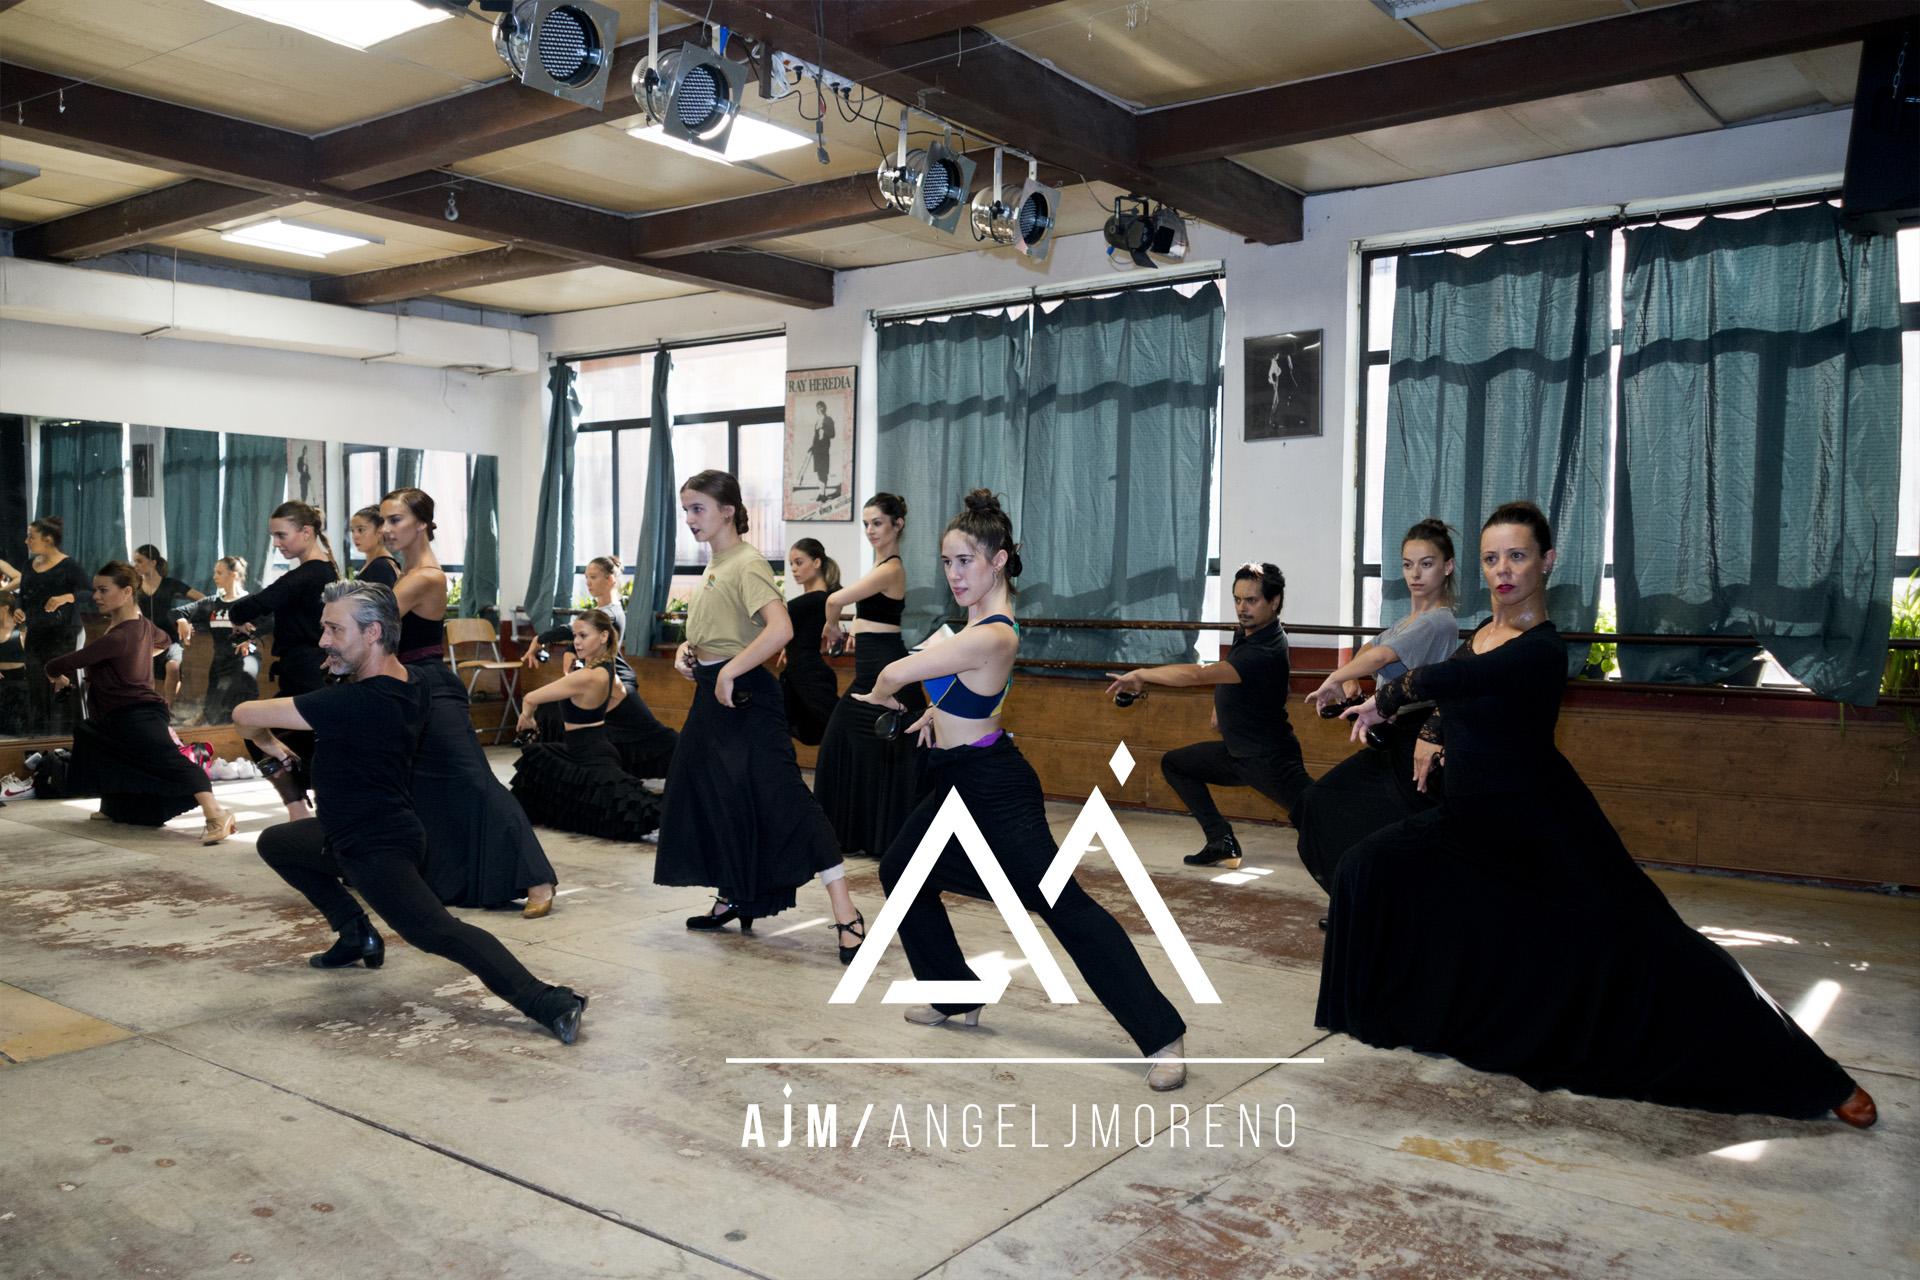 Fotografías de clases de danza.